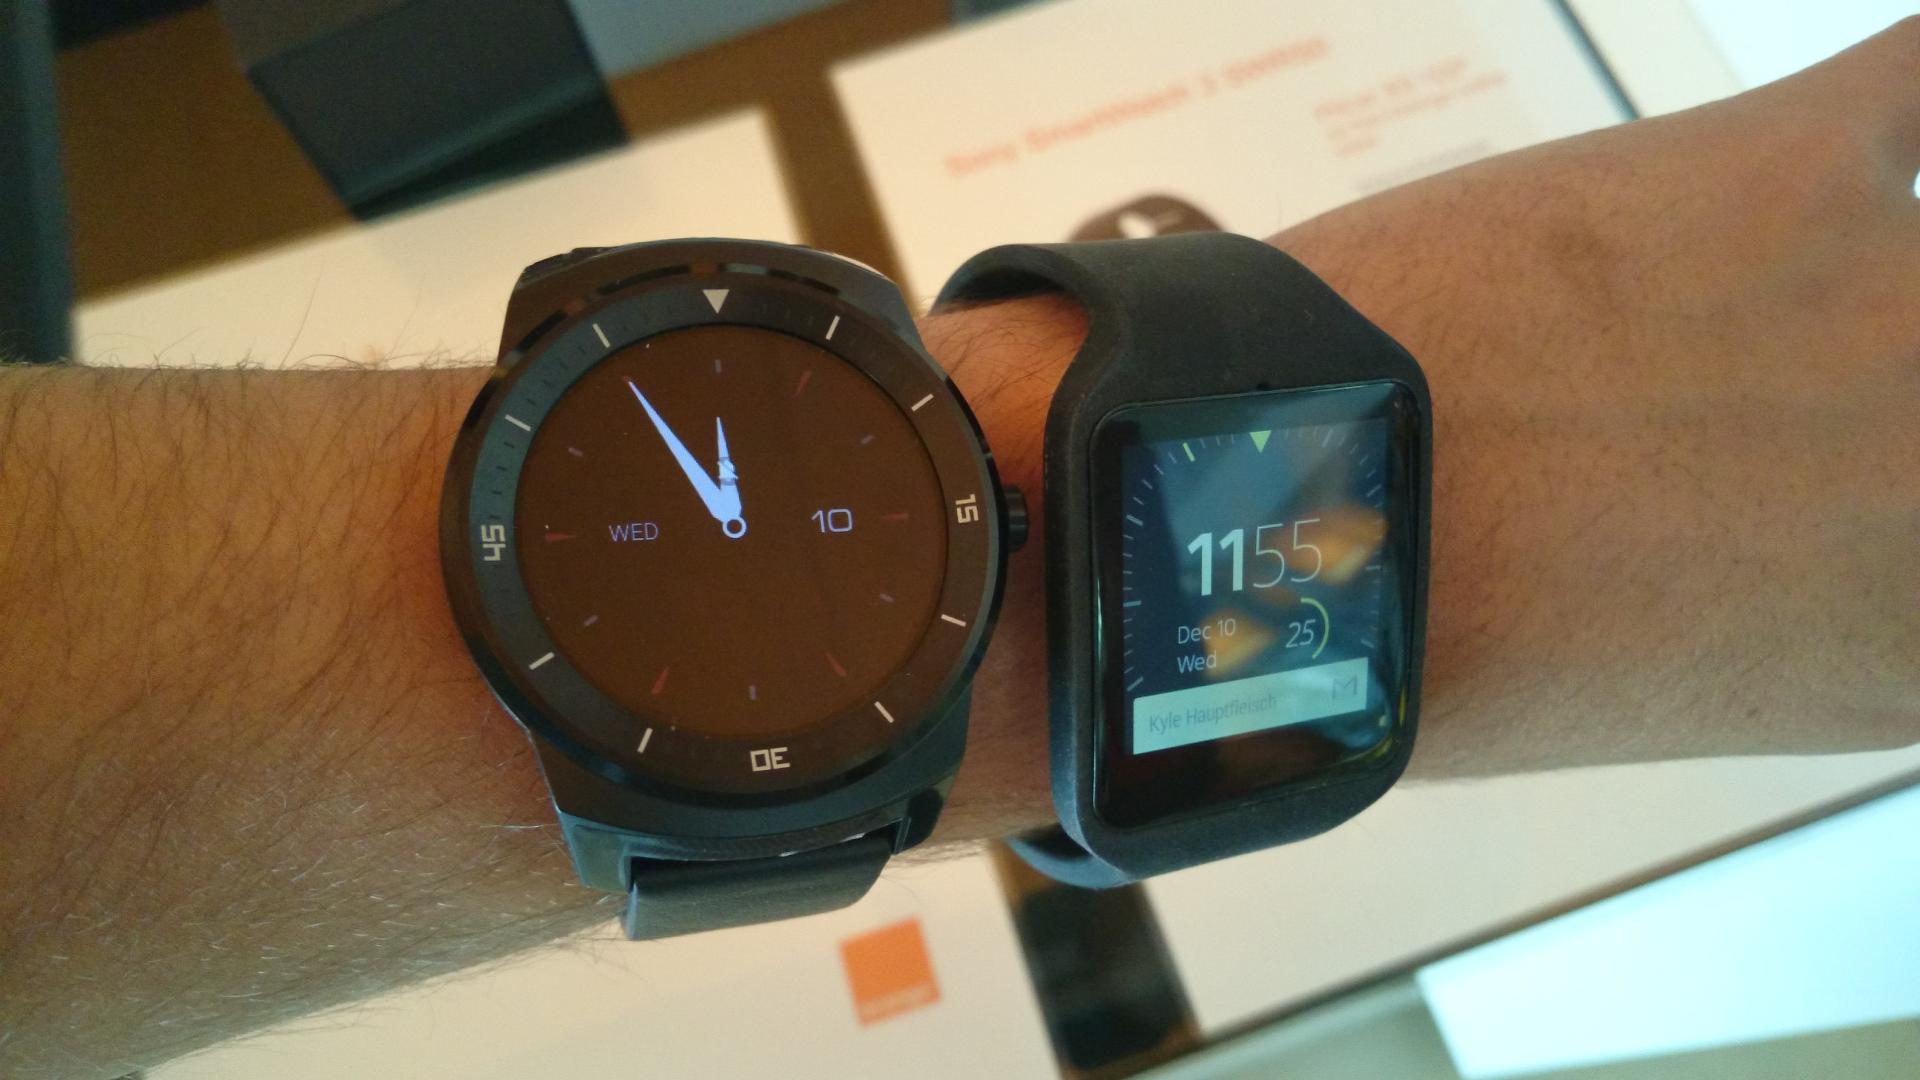 Sony SmartWatch 3 G Watch